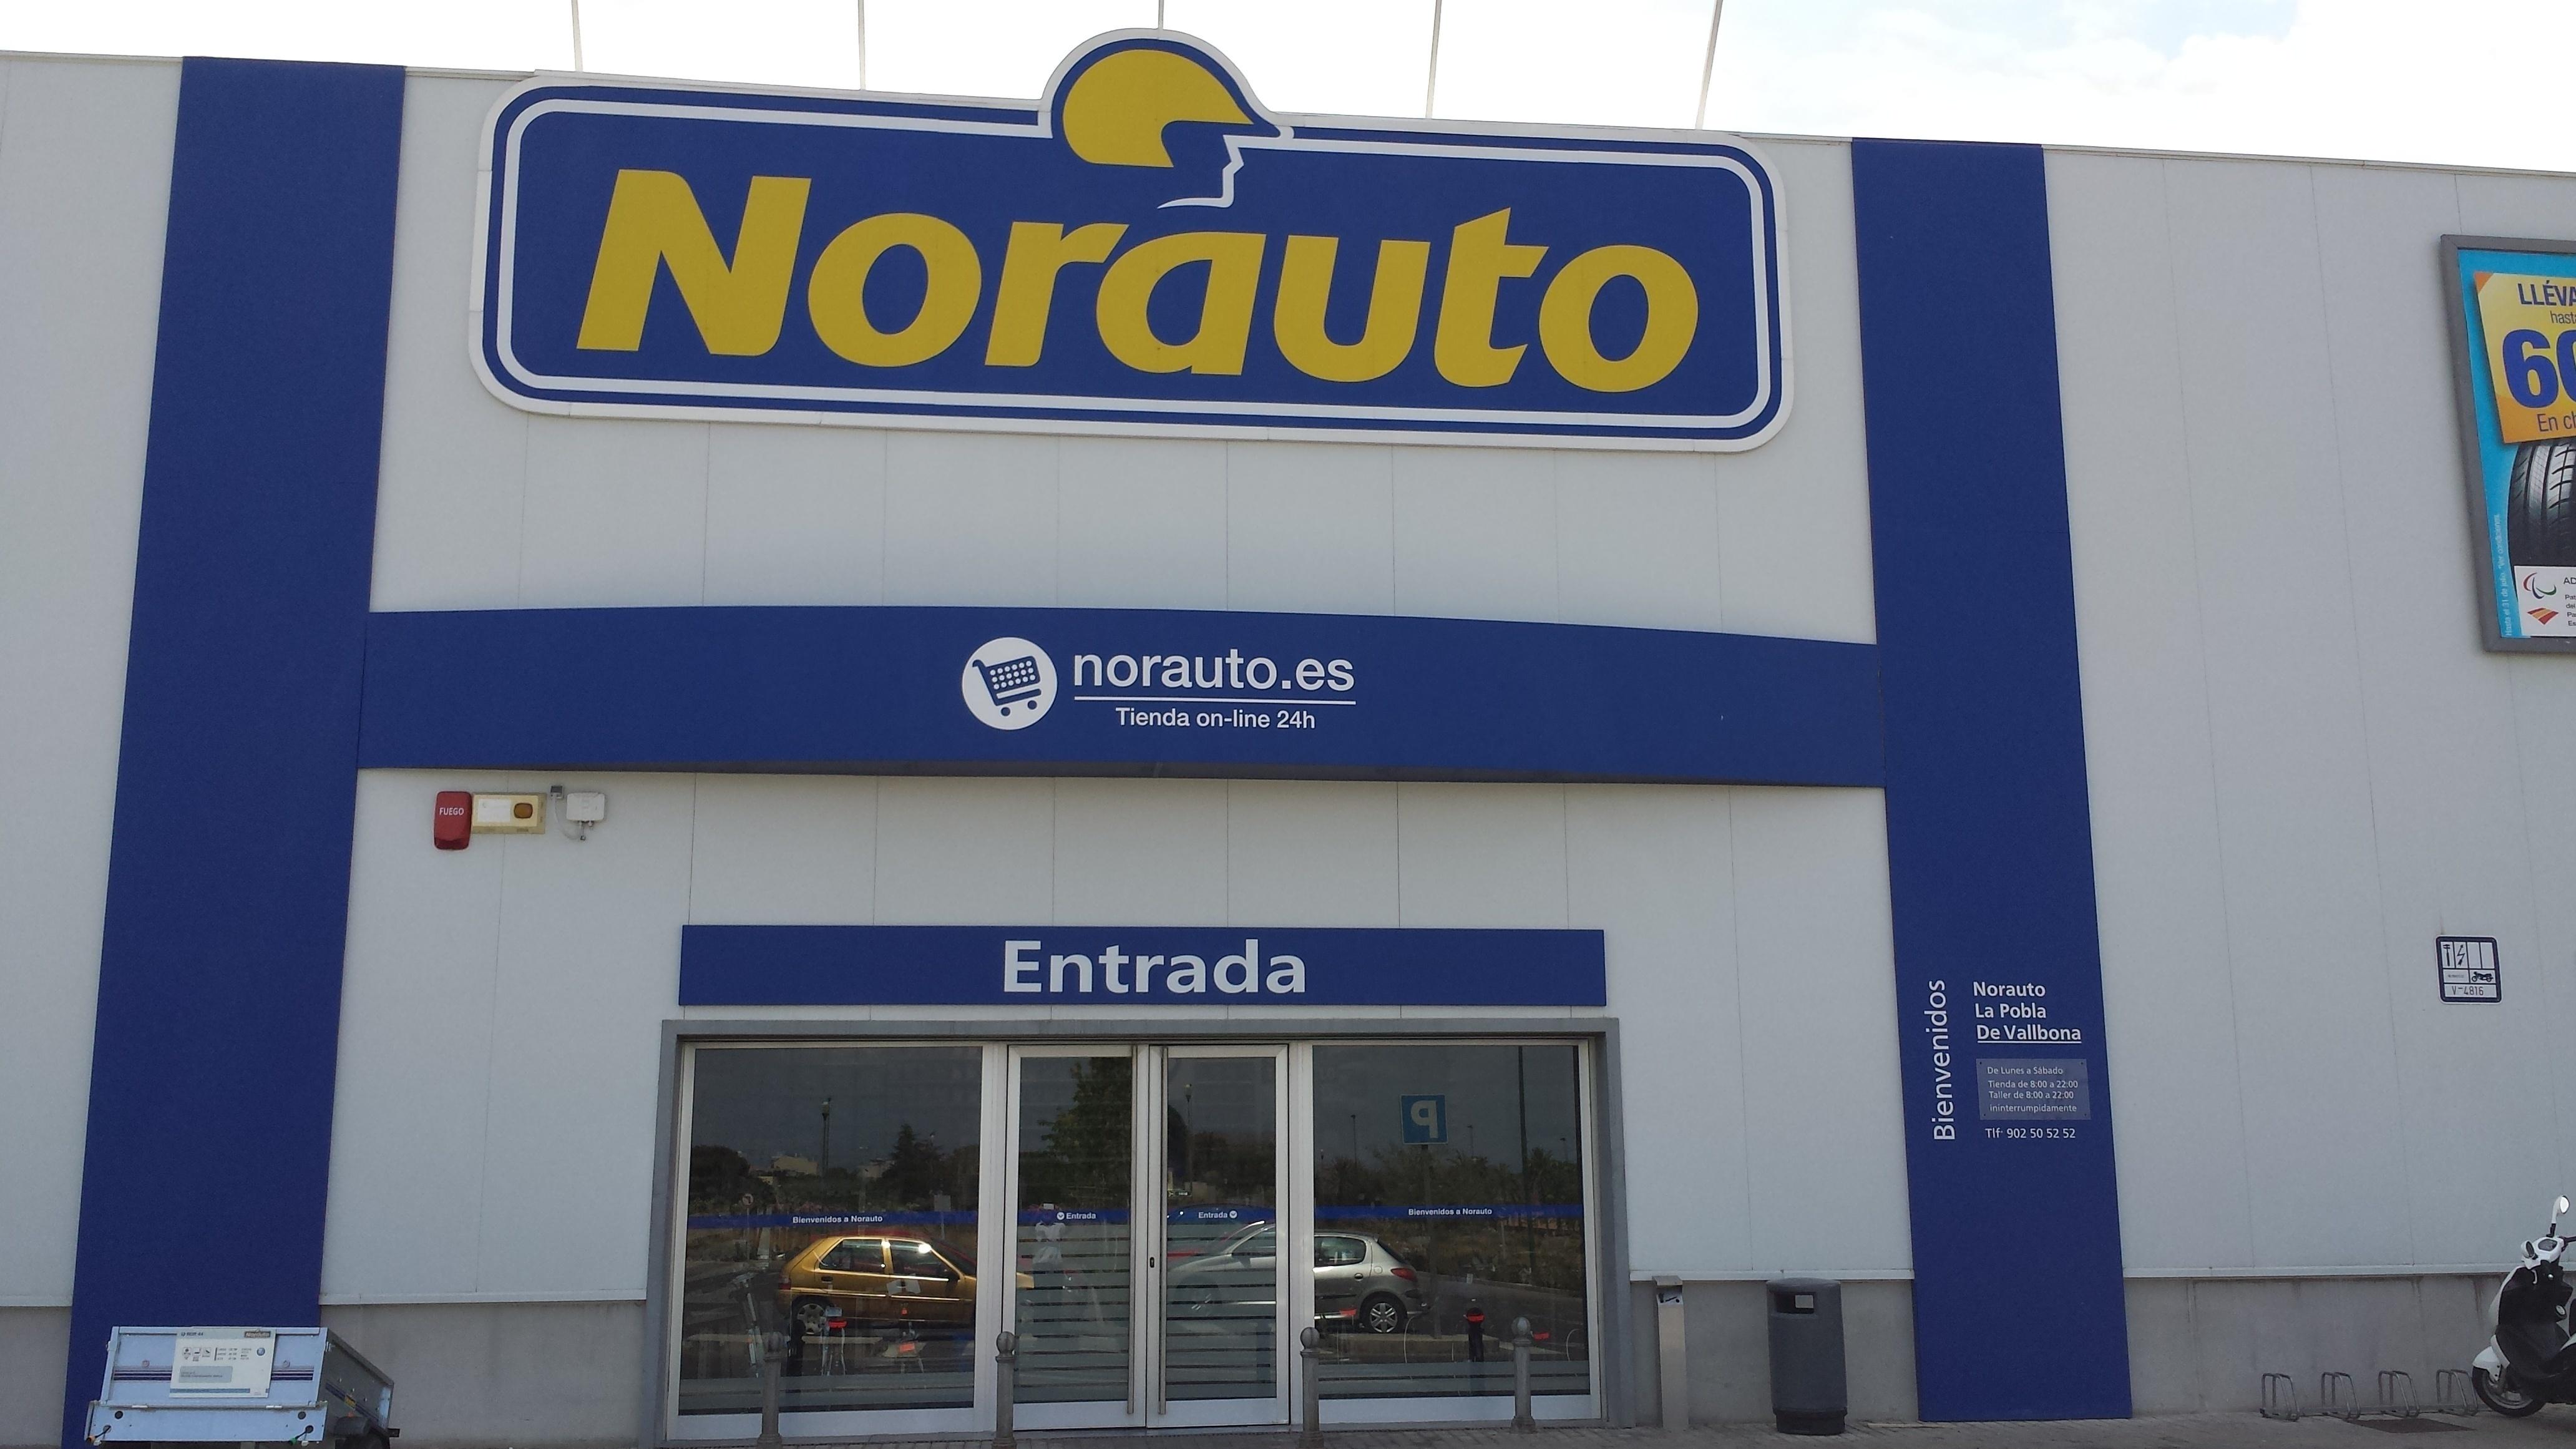 Norauto La Pobla De Vallbona